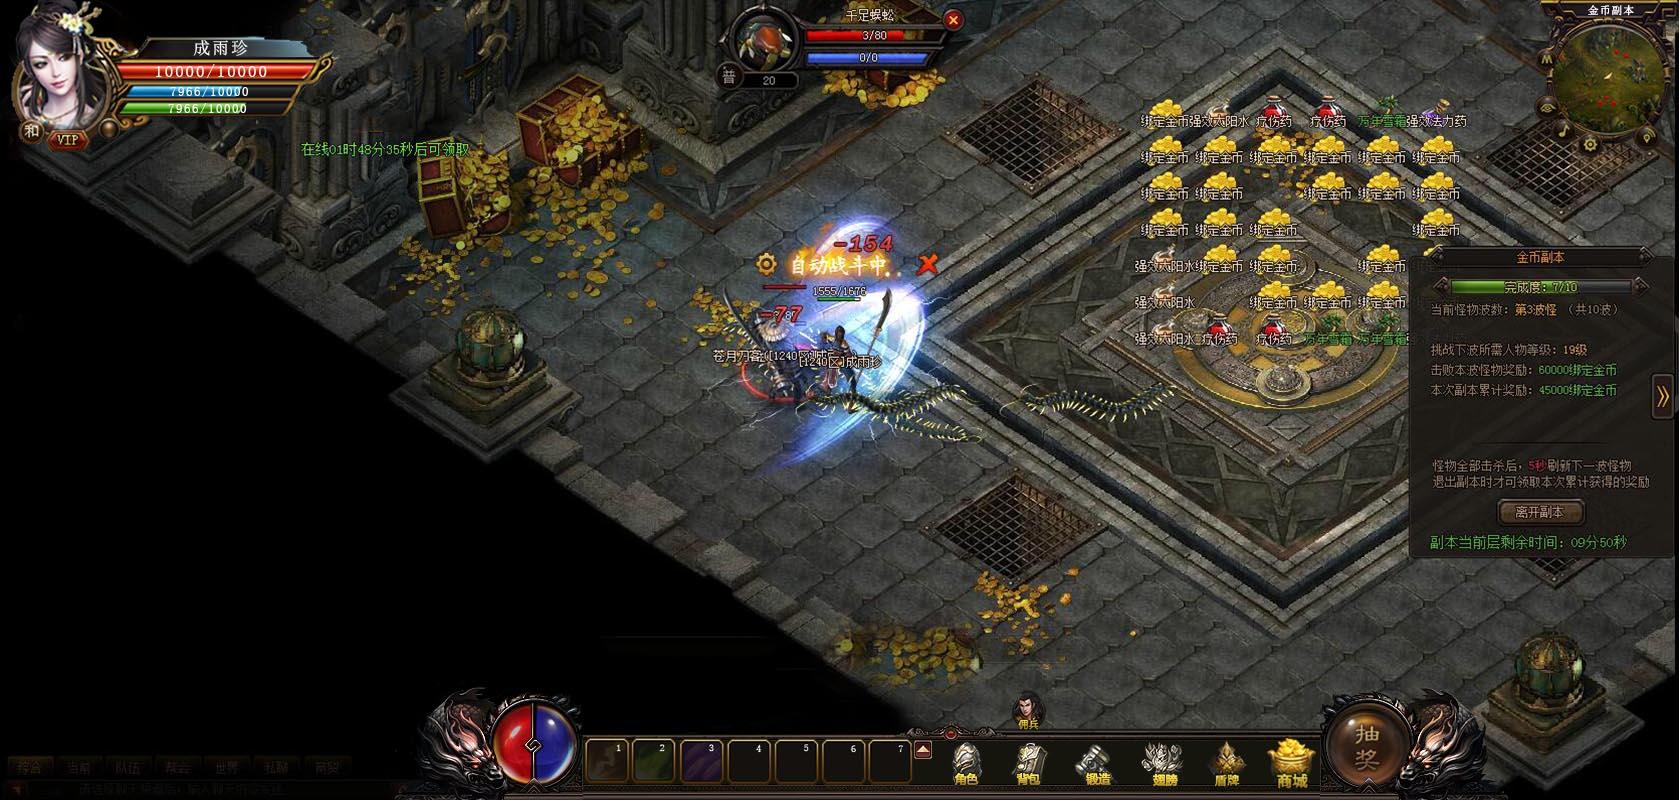 魔龙崛起OL游戏截图3